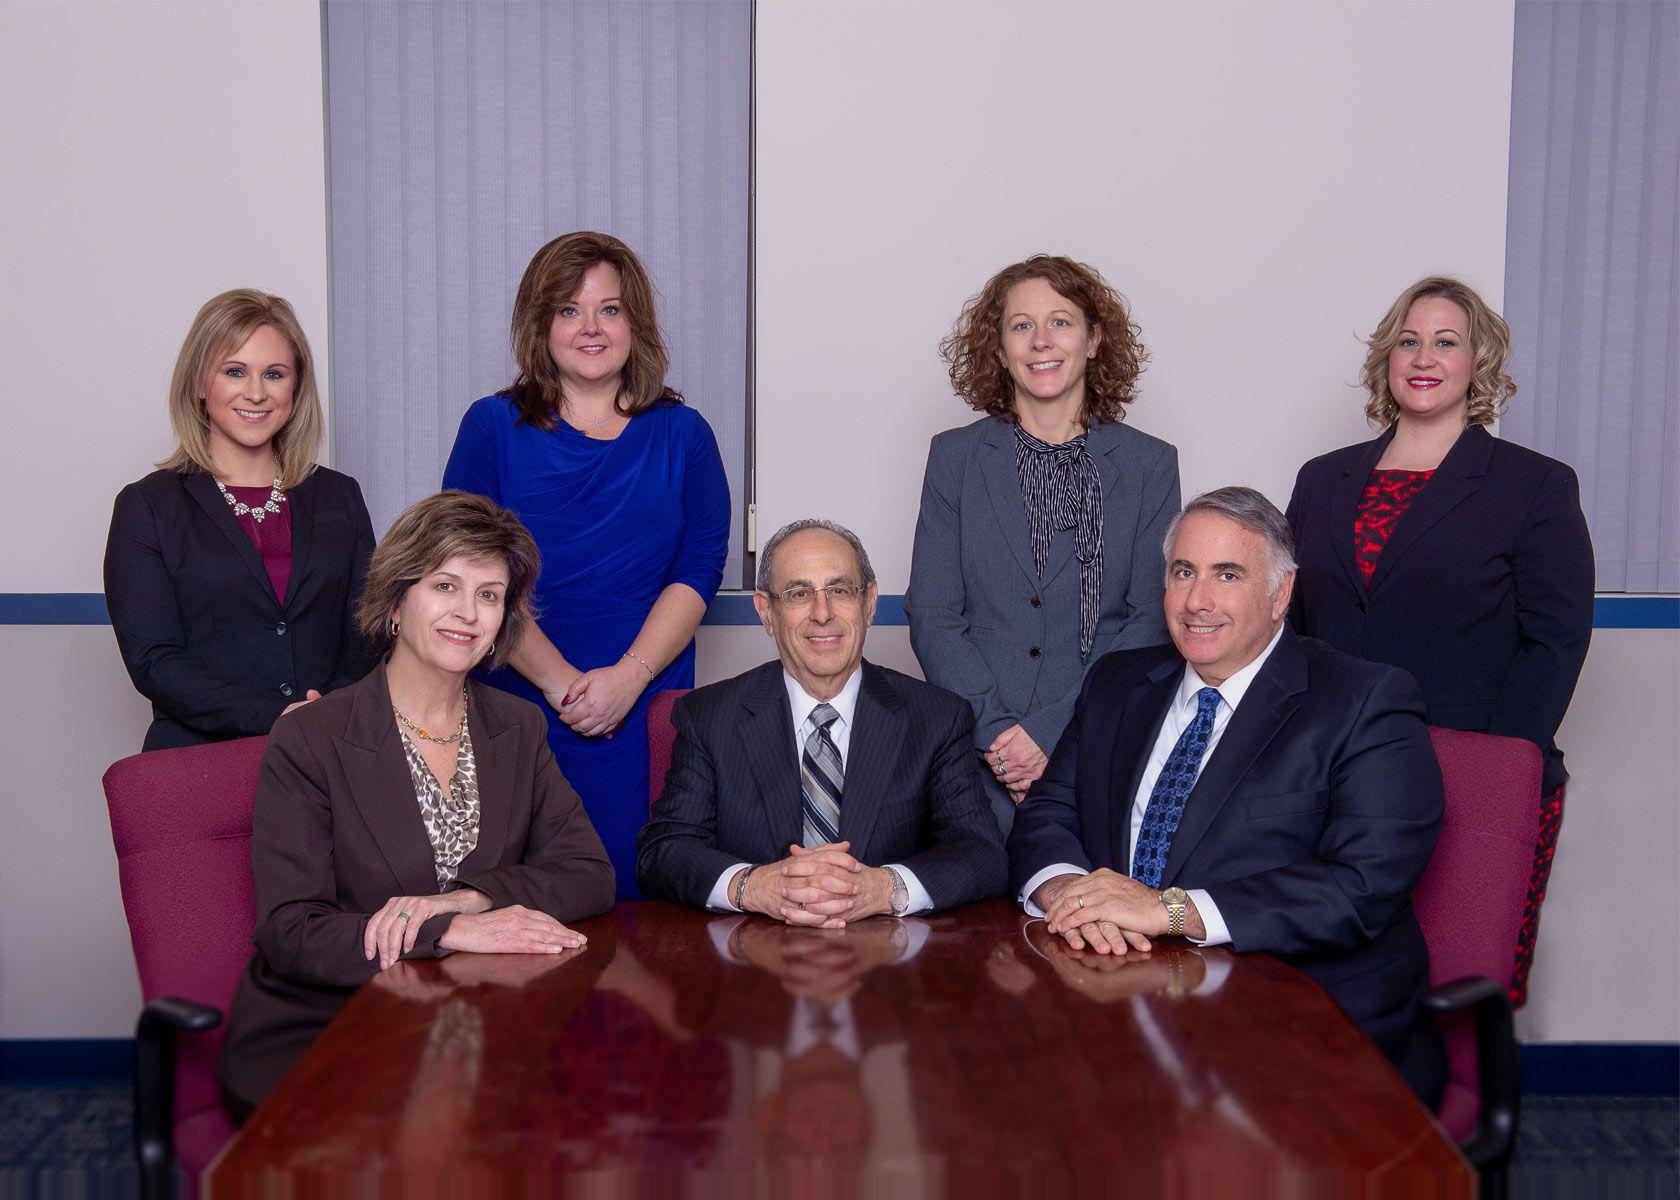 Lawyer - Glenville, NY - Schenectady, NY - Albany, NY